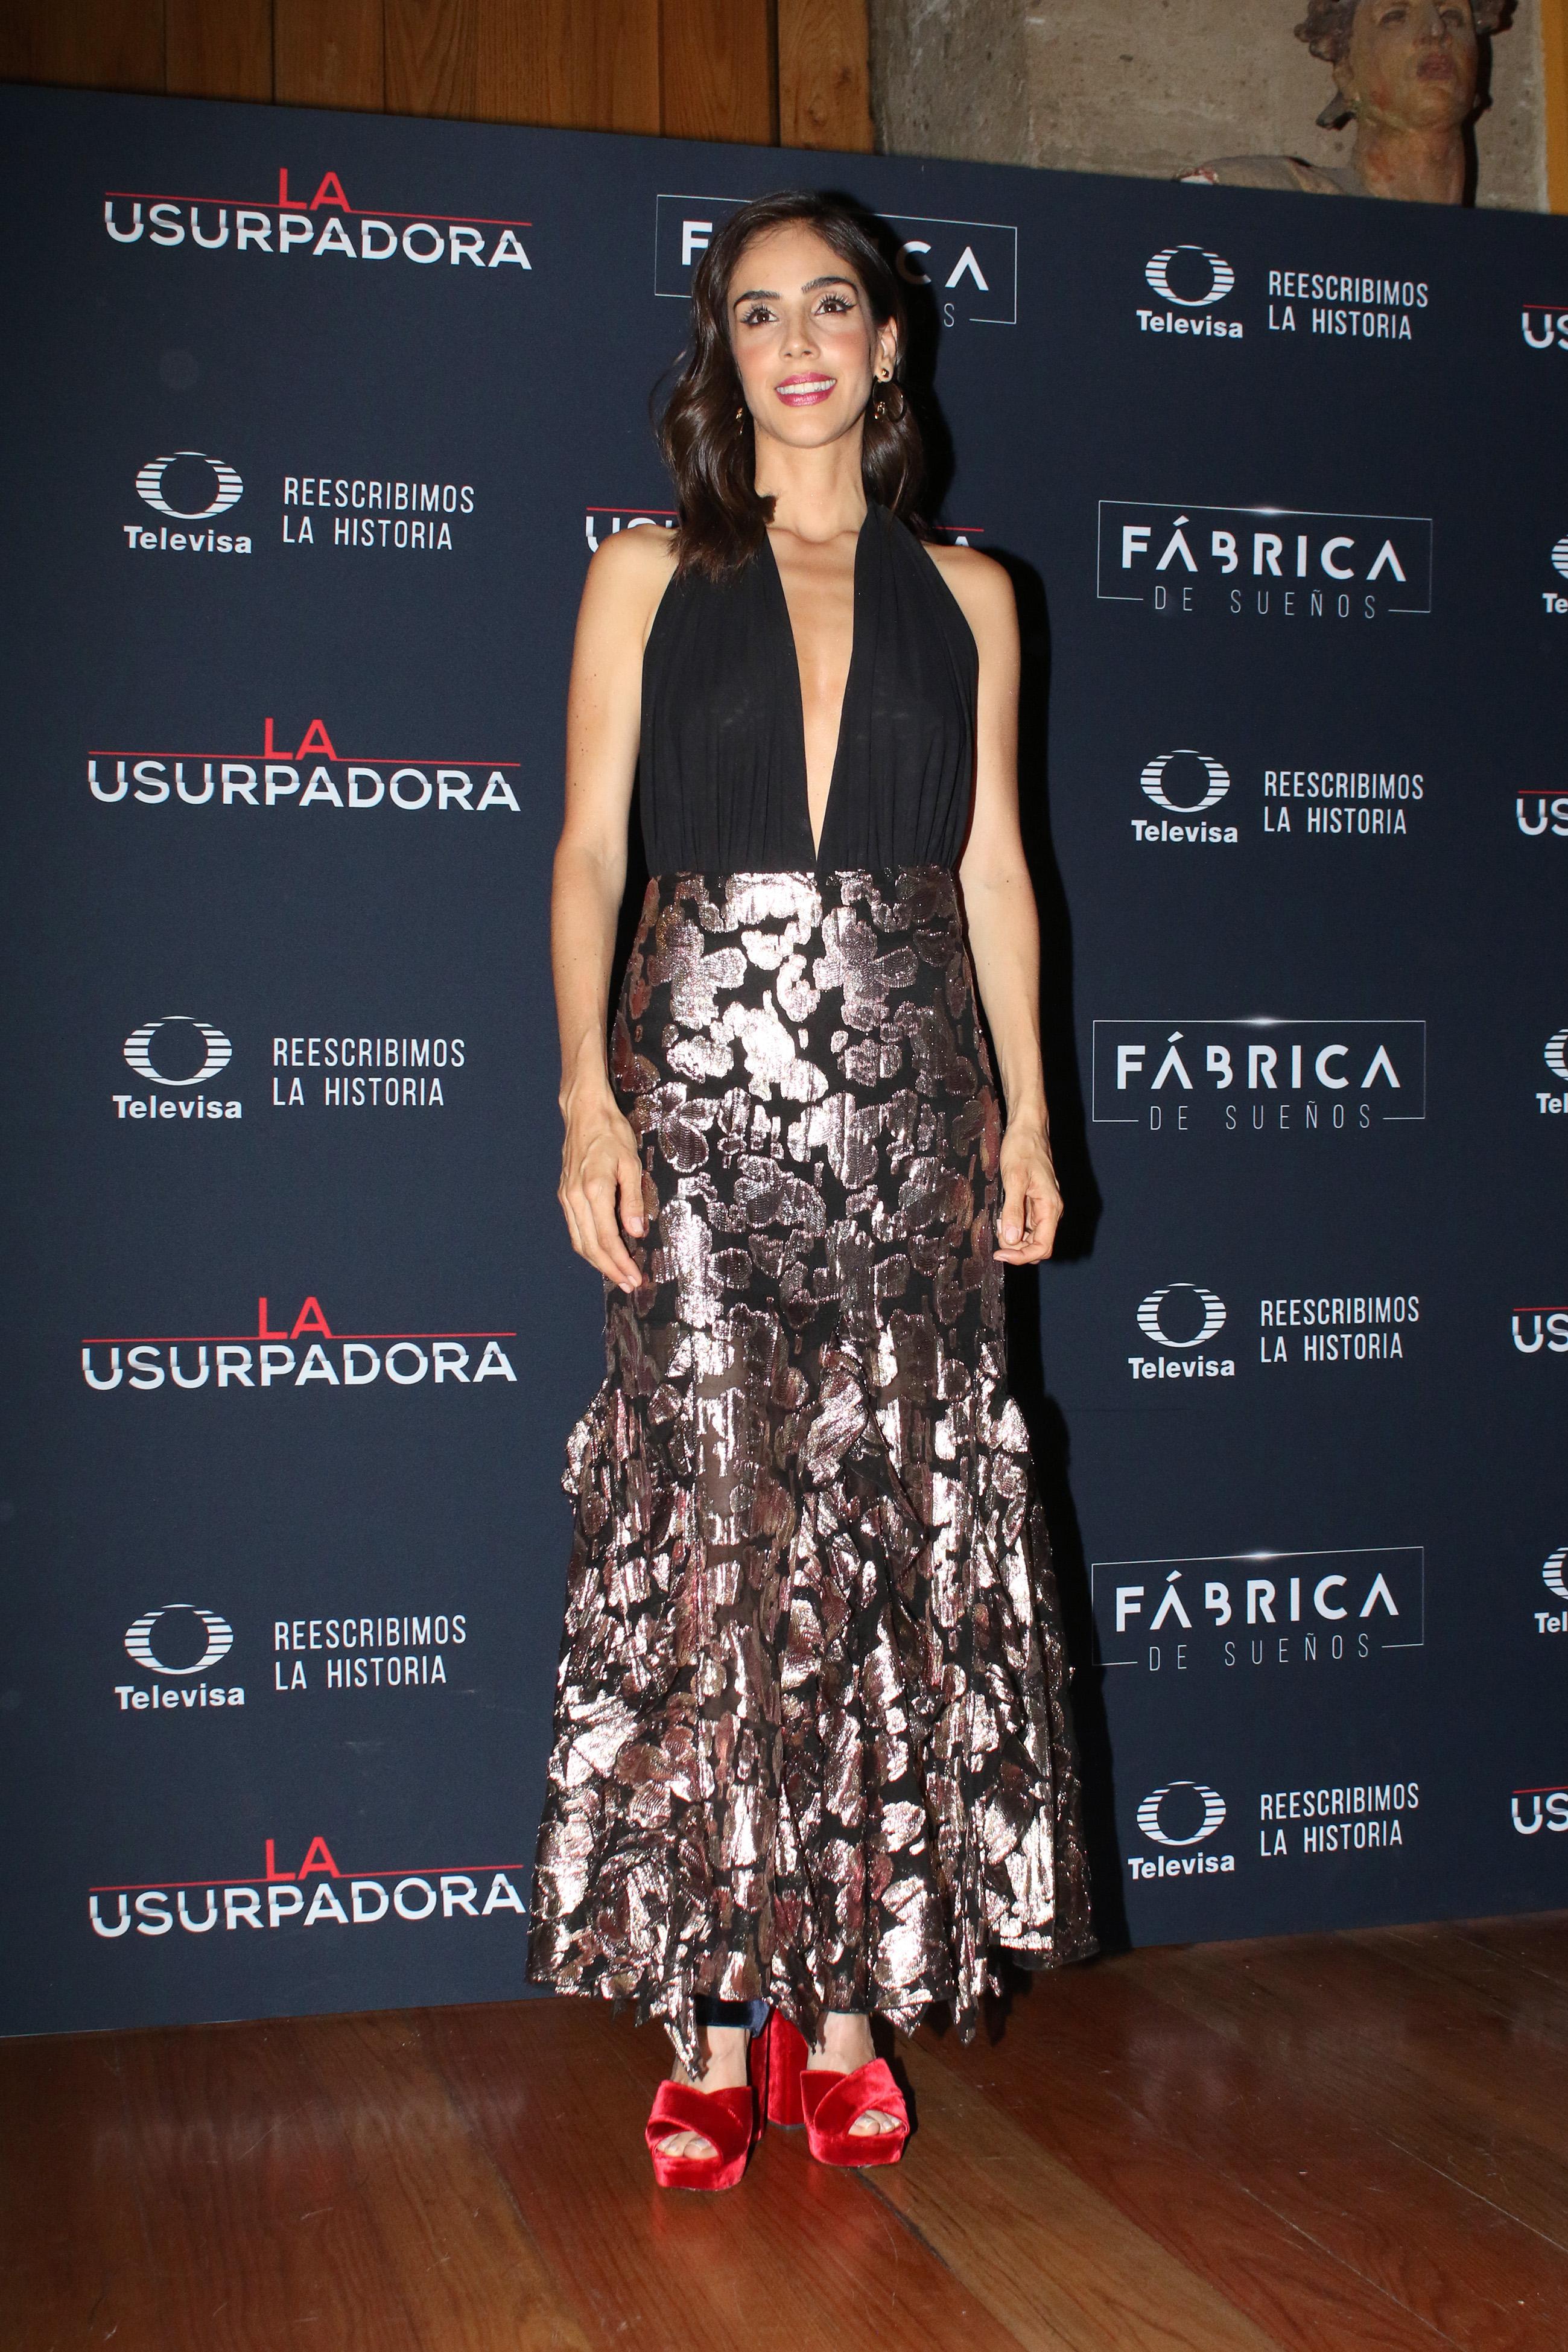 Sandra Echeverría, looks, La Usurpadora